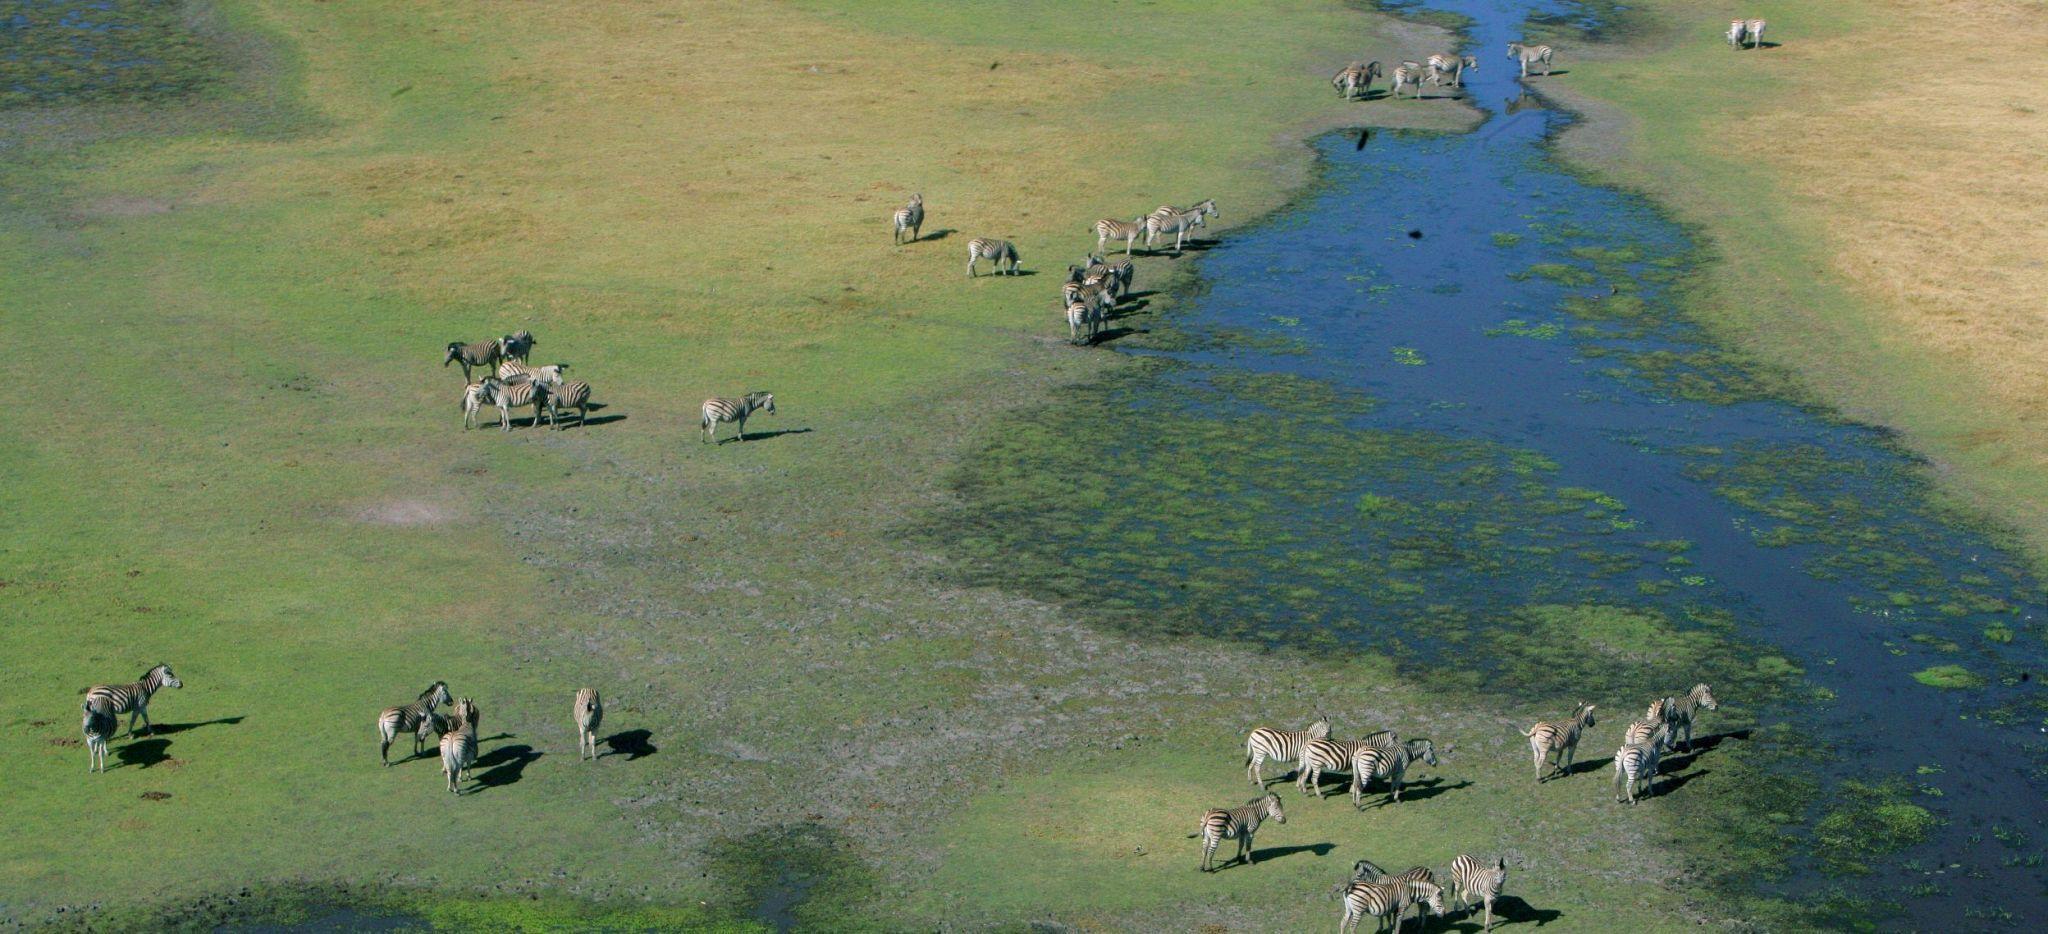 Zebras graßen zwischen sehen des Okavango Delta, Botswana